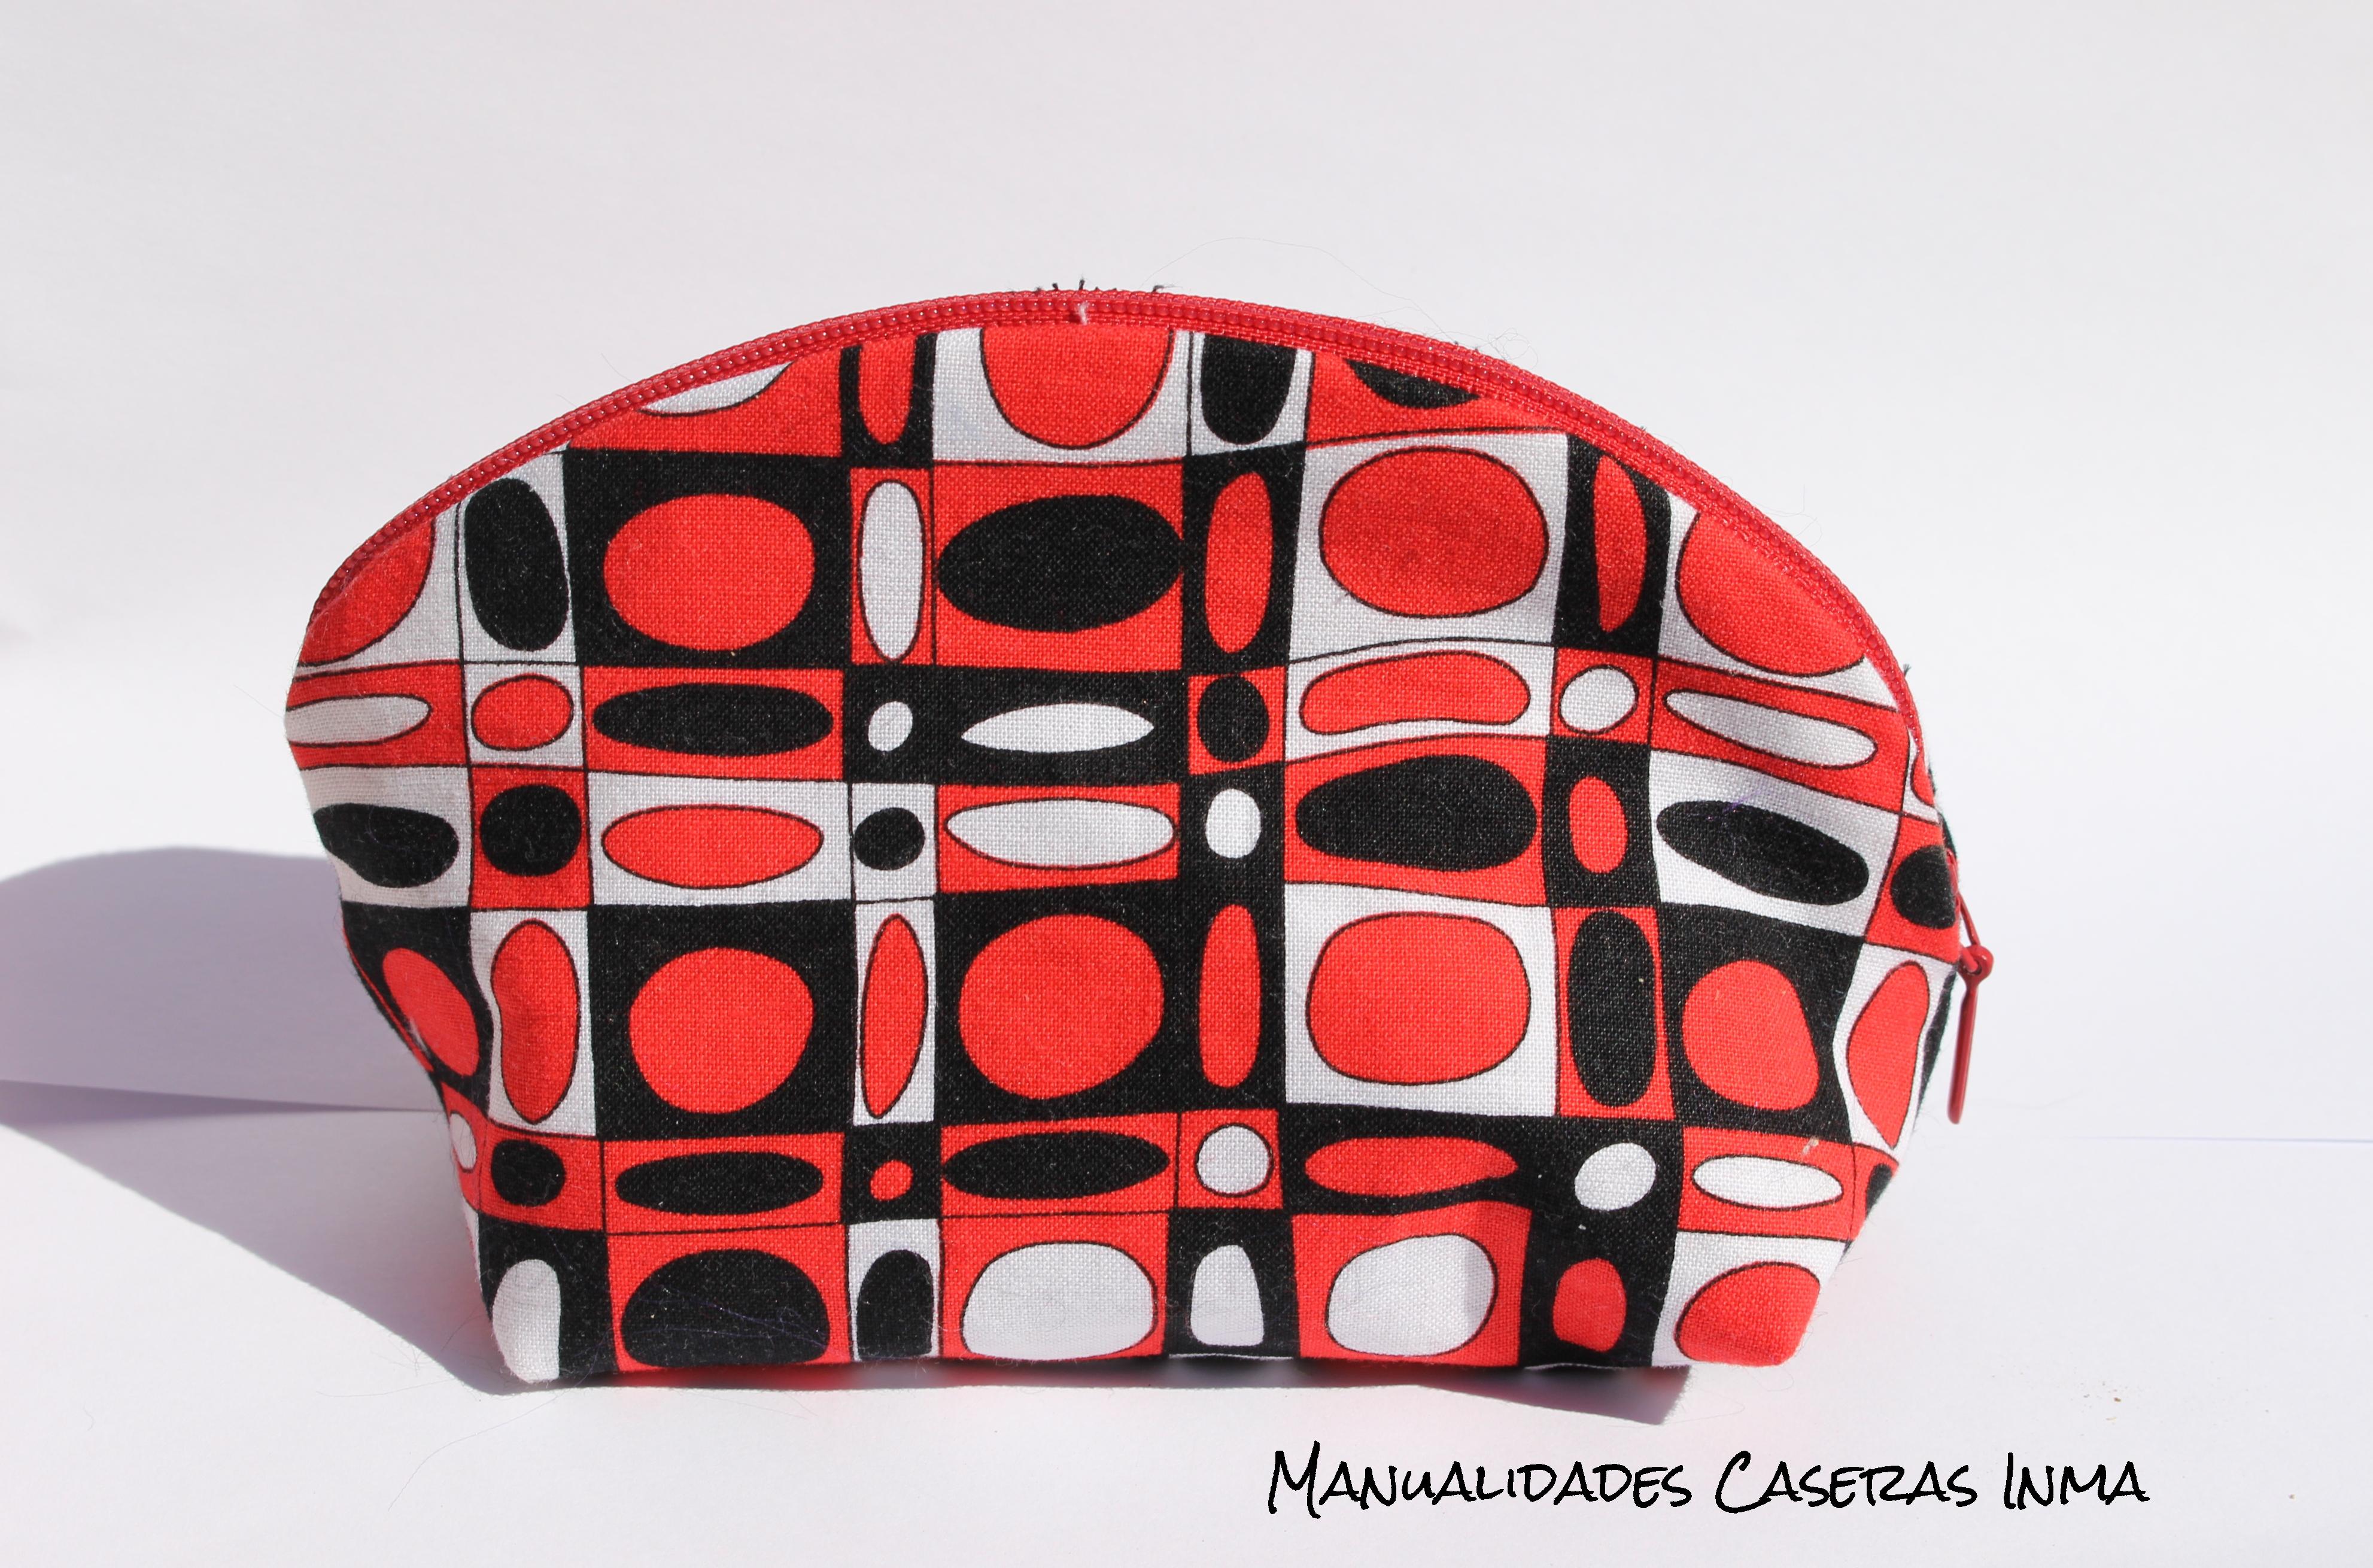 Manualidades Caseras Inma_Neceser con tela de cuadrados y circulos en rojo , negro y blanco